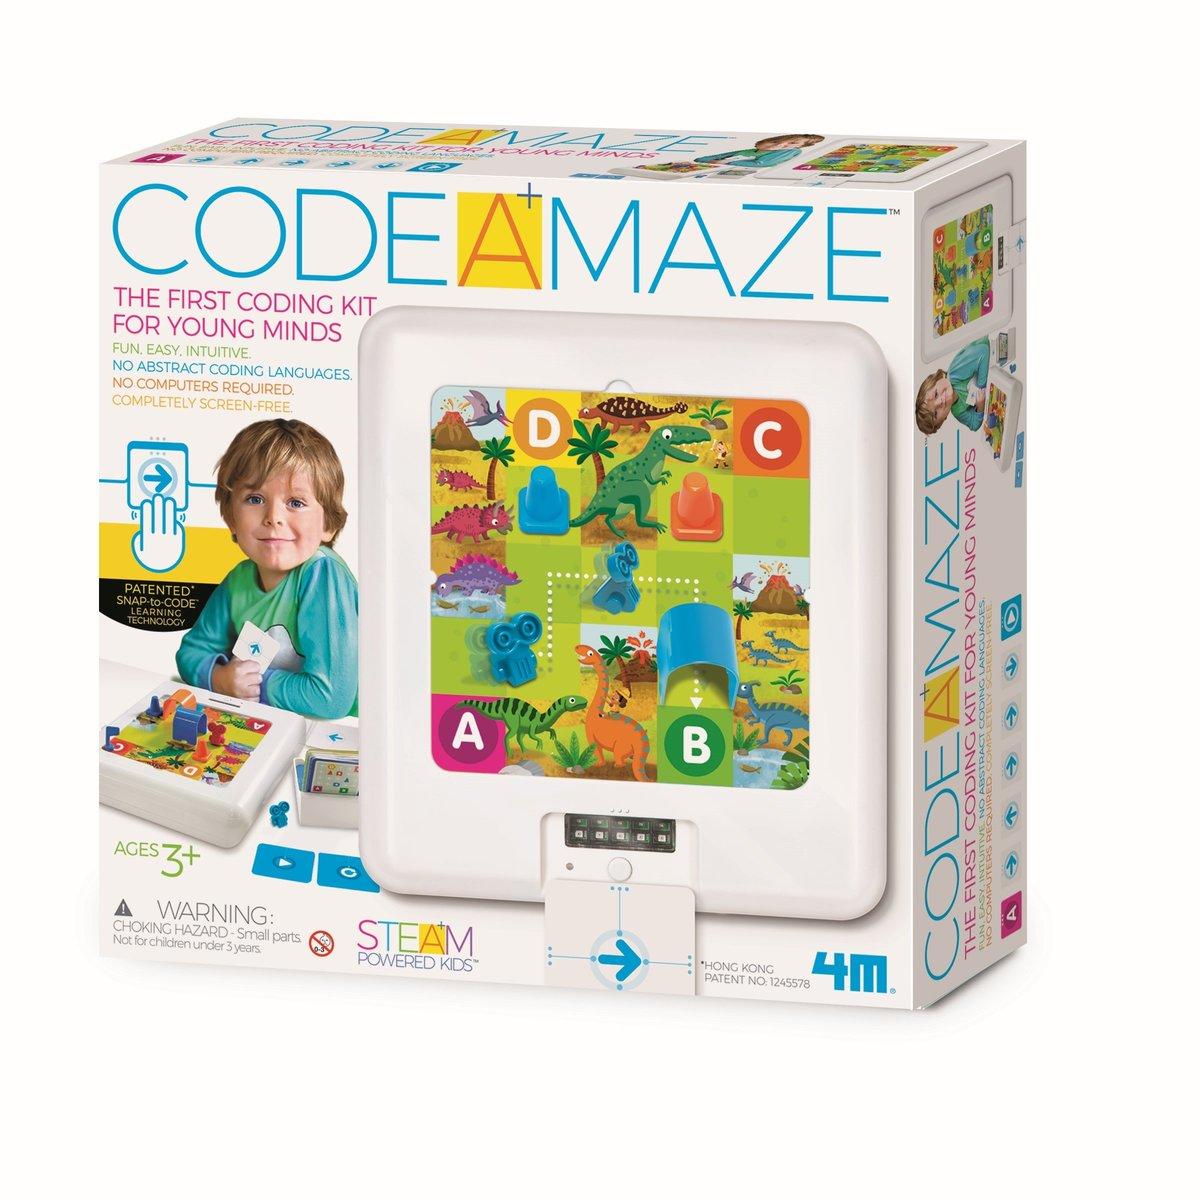 編程迷宮套裝STEM教育玩具